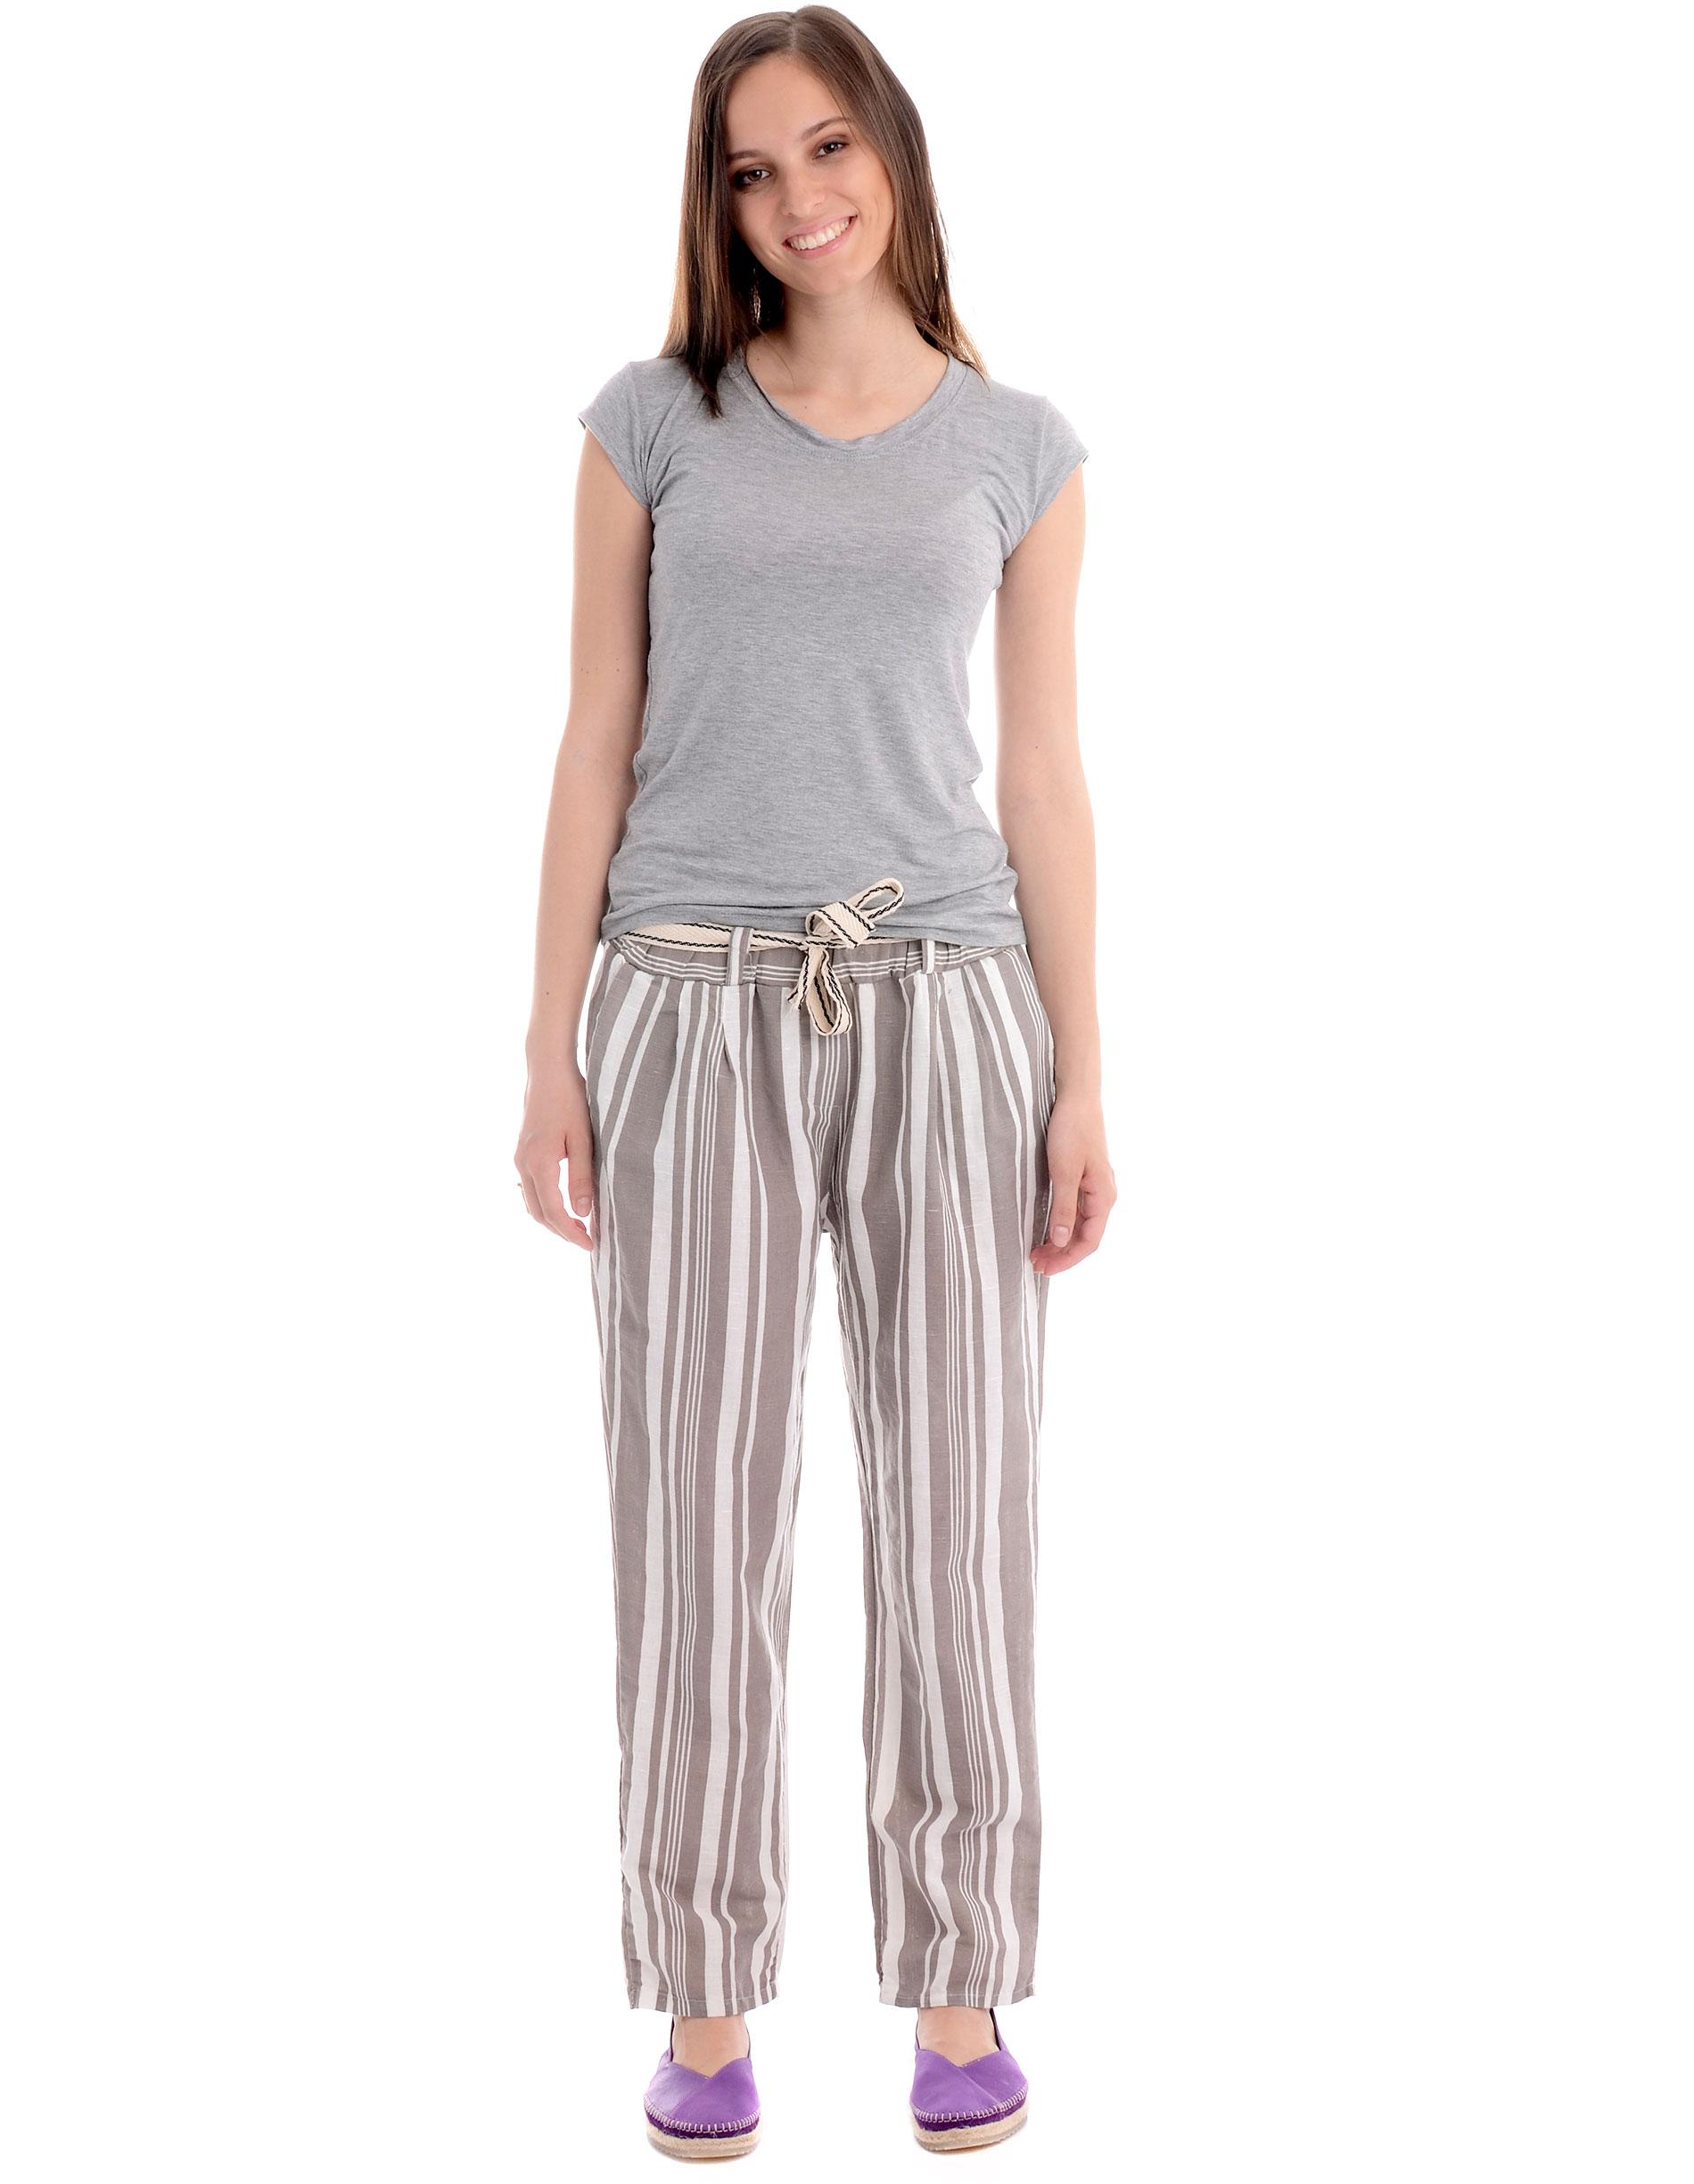 Spodnie - 54-5262 FANGO - Unisono